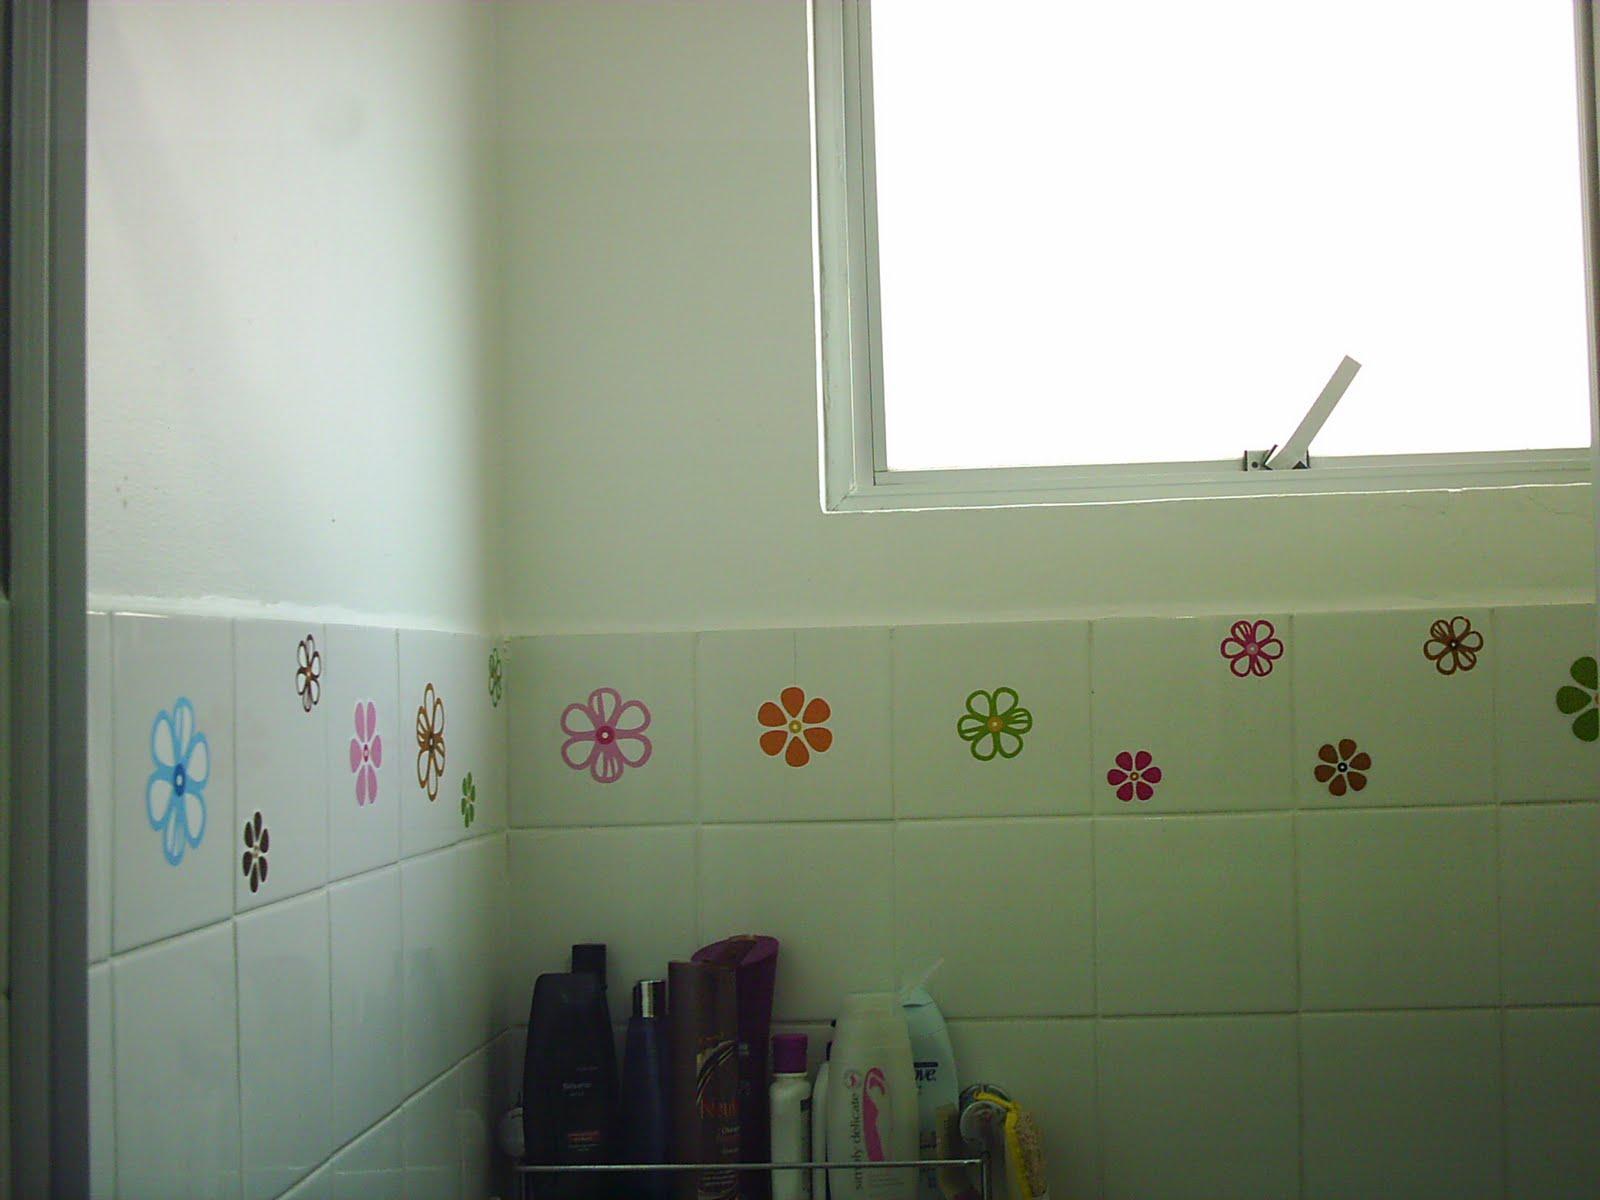 Decoração Banheiro Azulejo Antigo  gotoworldfrcom decoração de banheiro sim -> Decoracao De Banheiro Com Azulejos Antigos